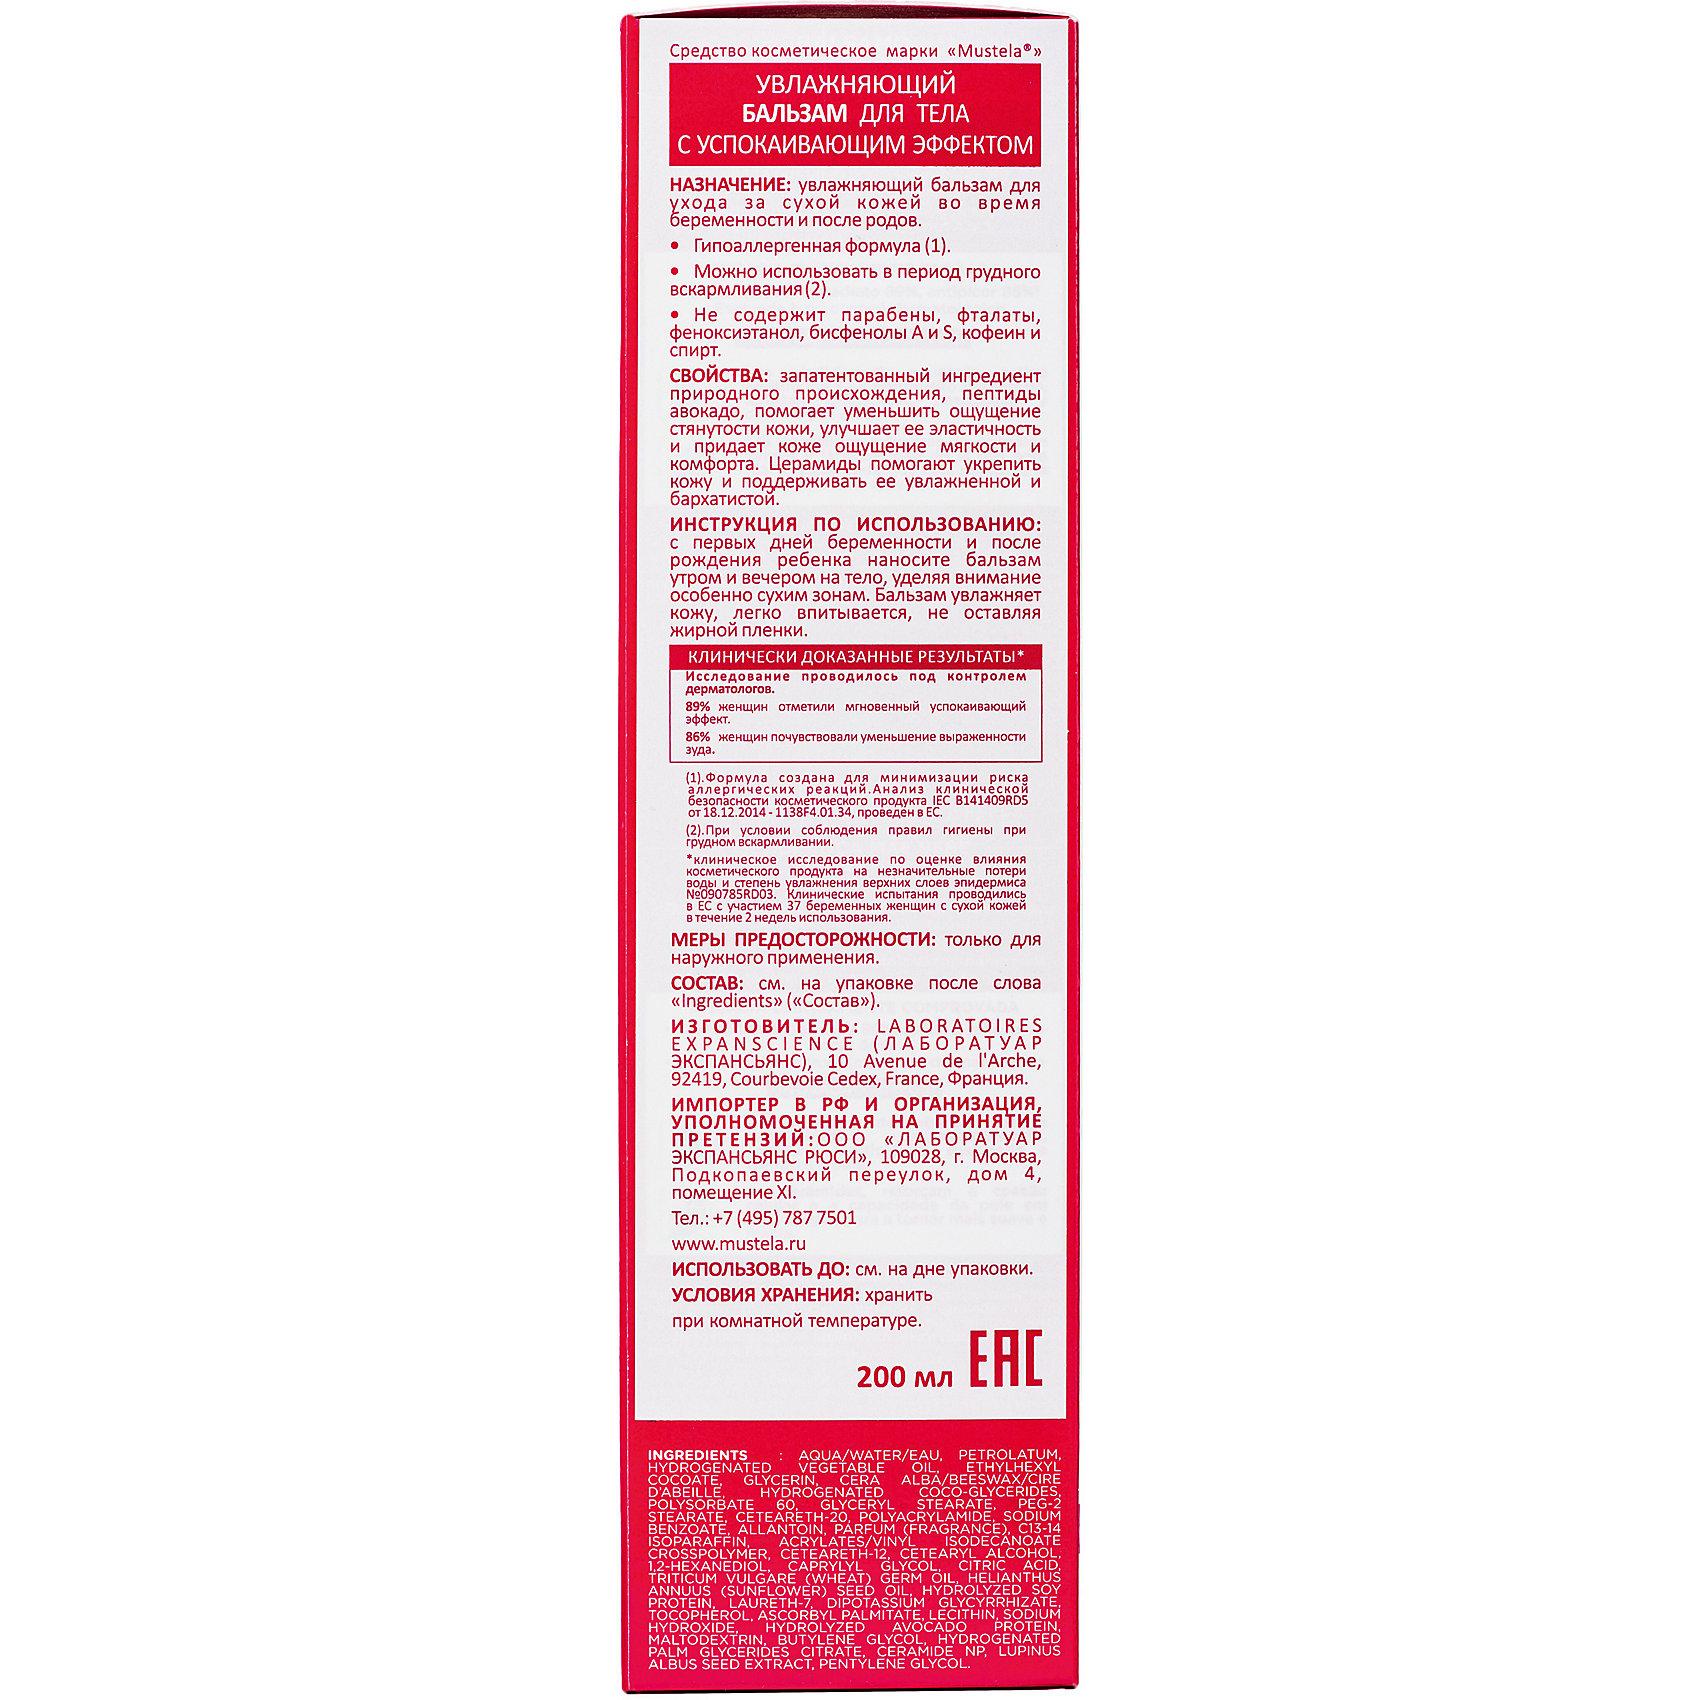 Увлажняющий бальзам для тела с успокаивающим эффектом, 200 мл., Mustela